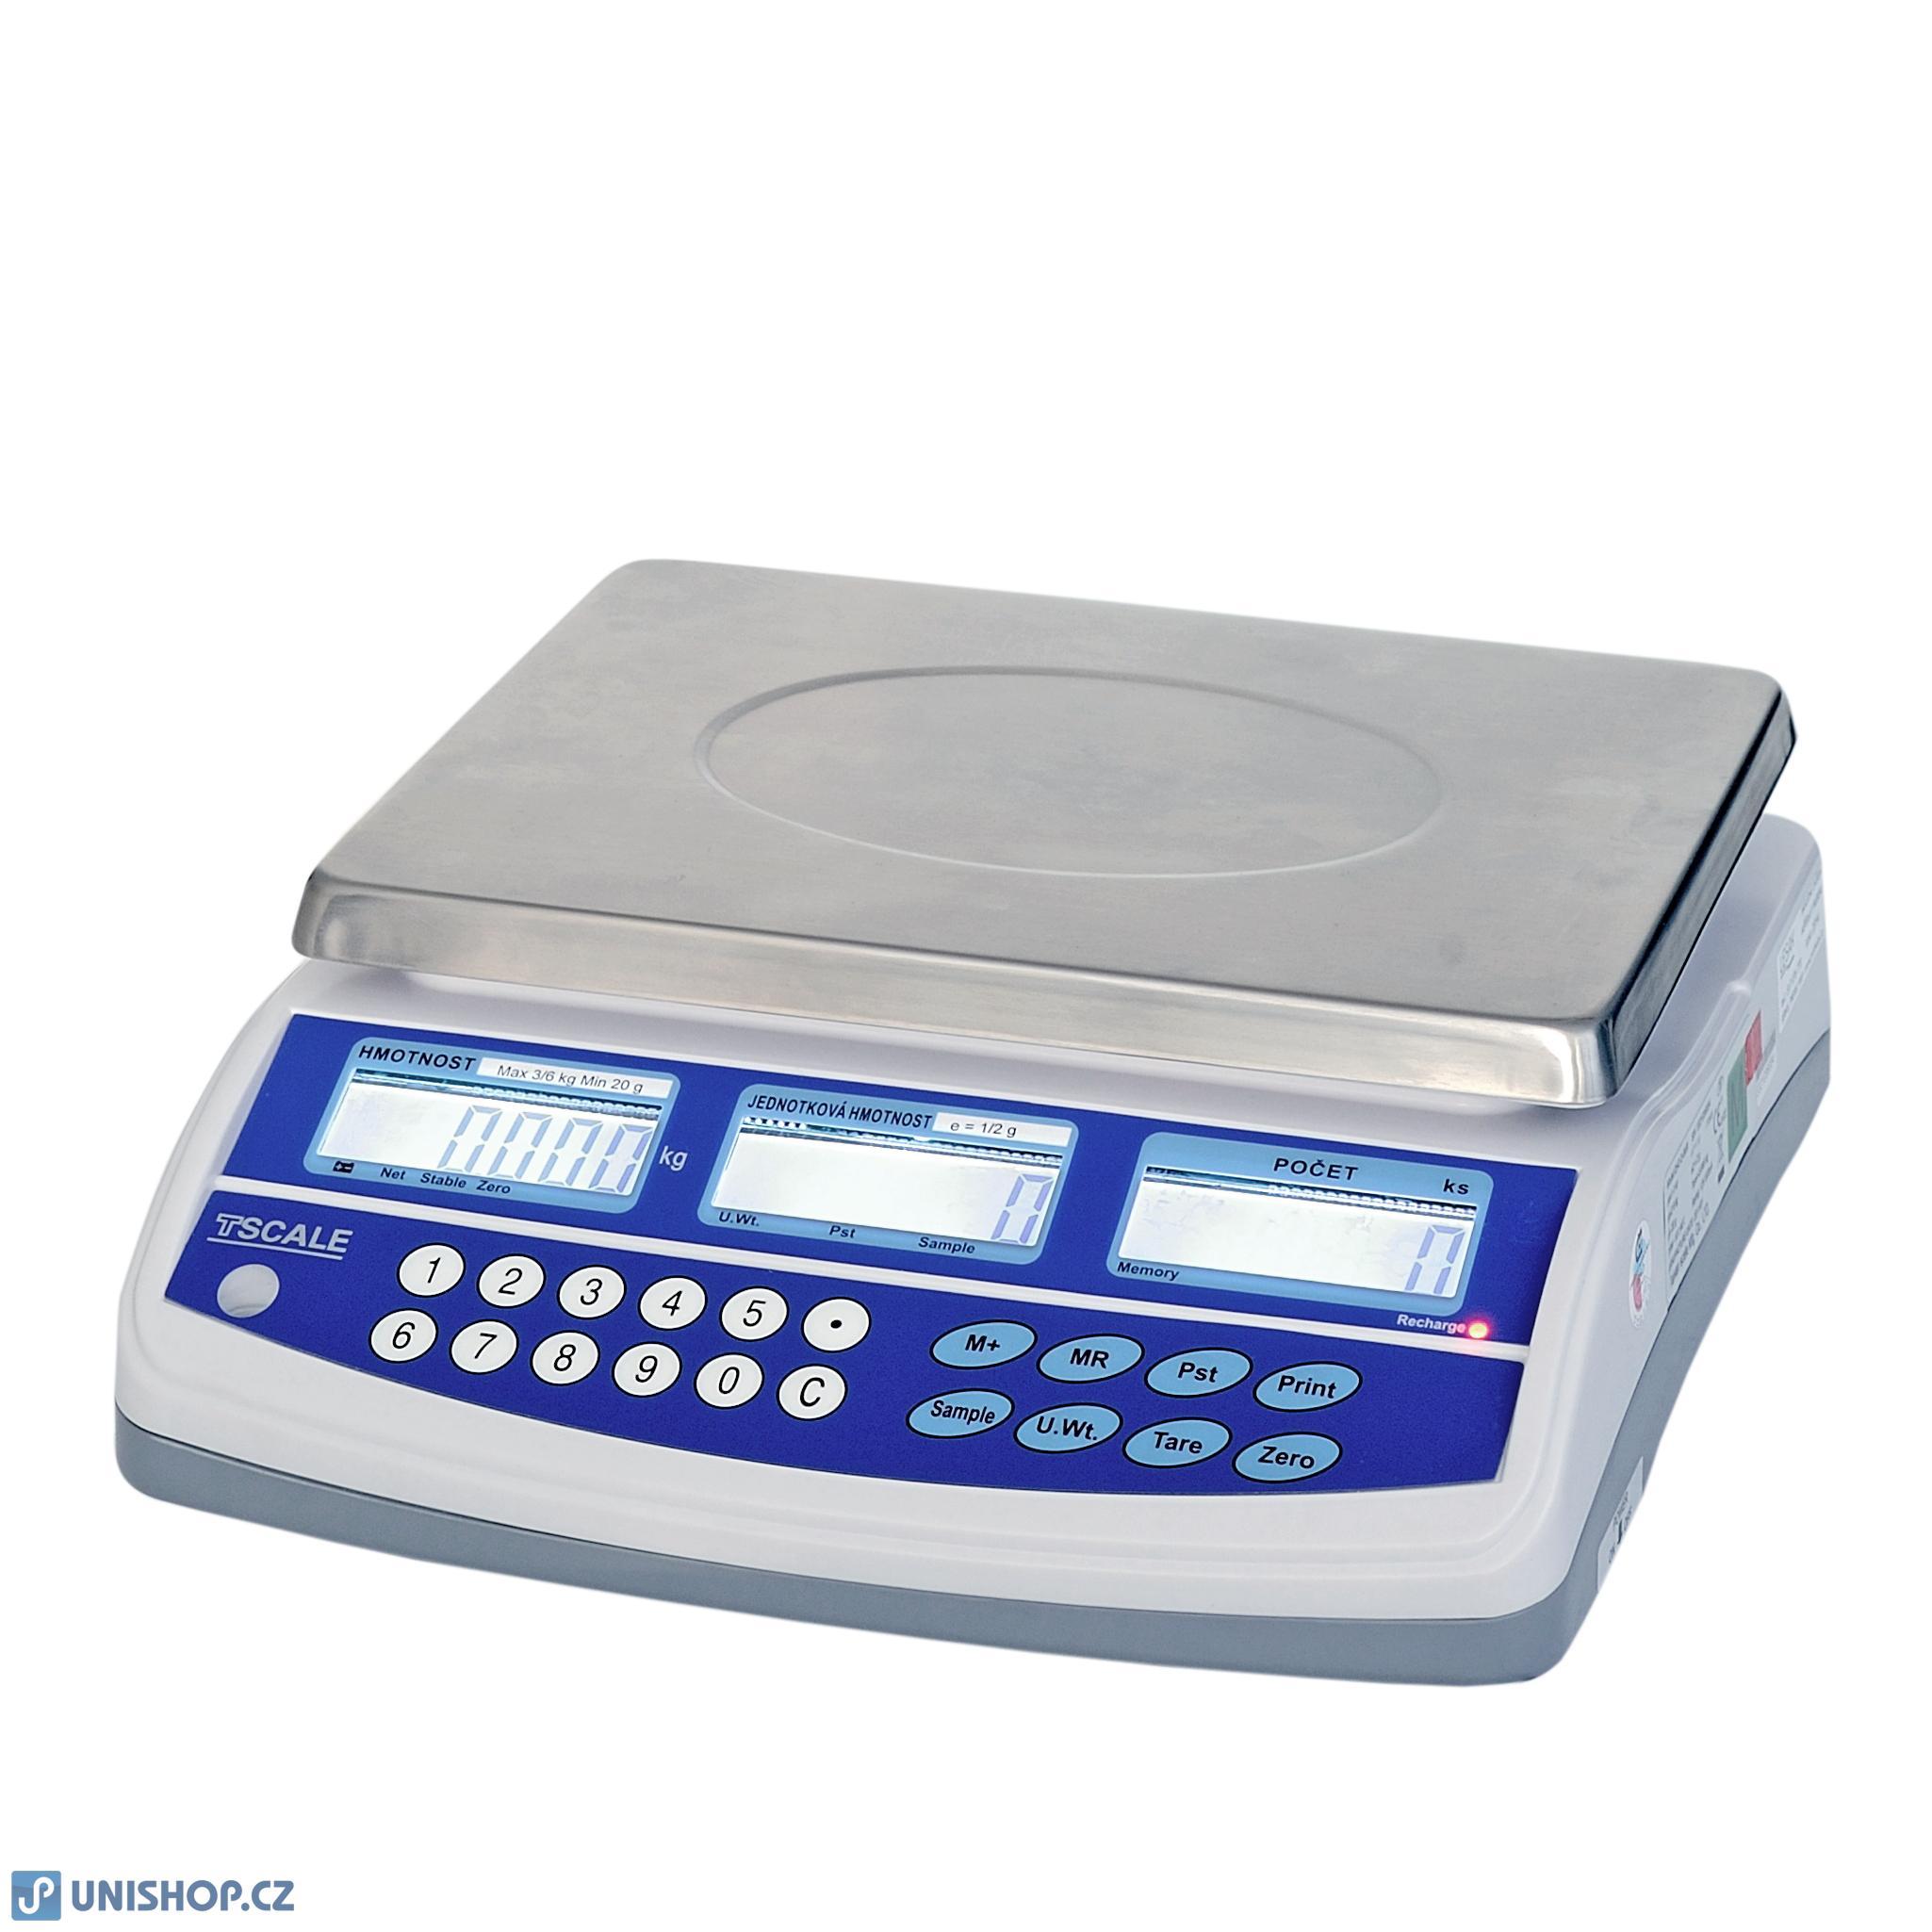 Přesná počítací váha TSQHD 30kg/0,5g, s připojením ex. plošiny